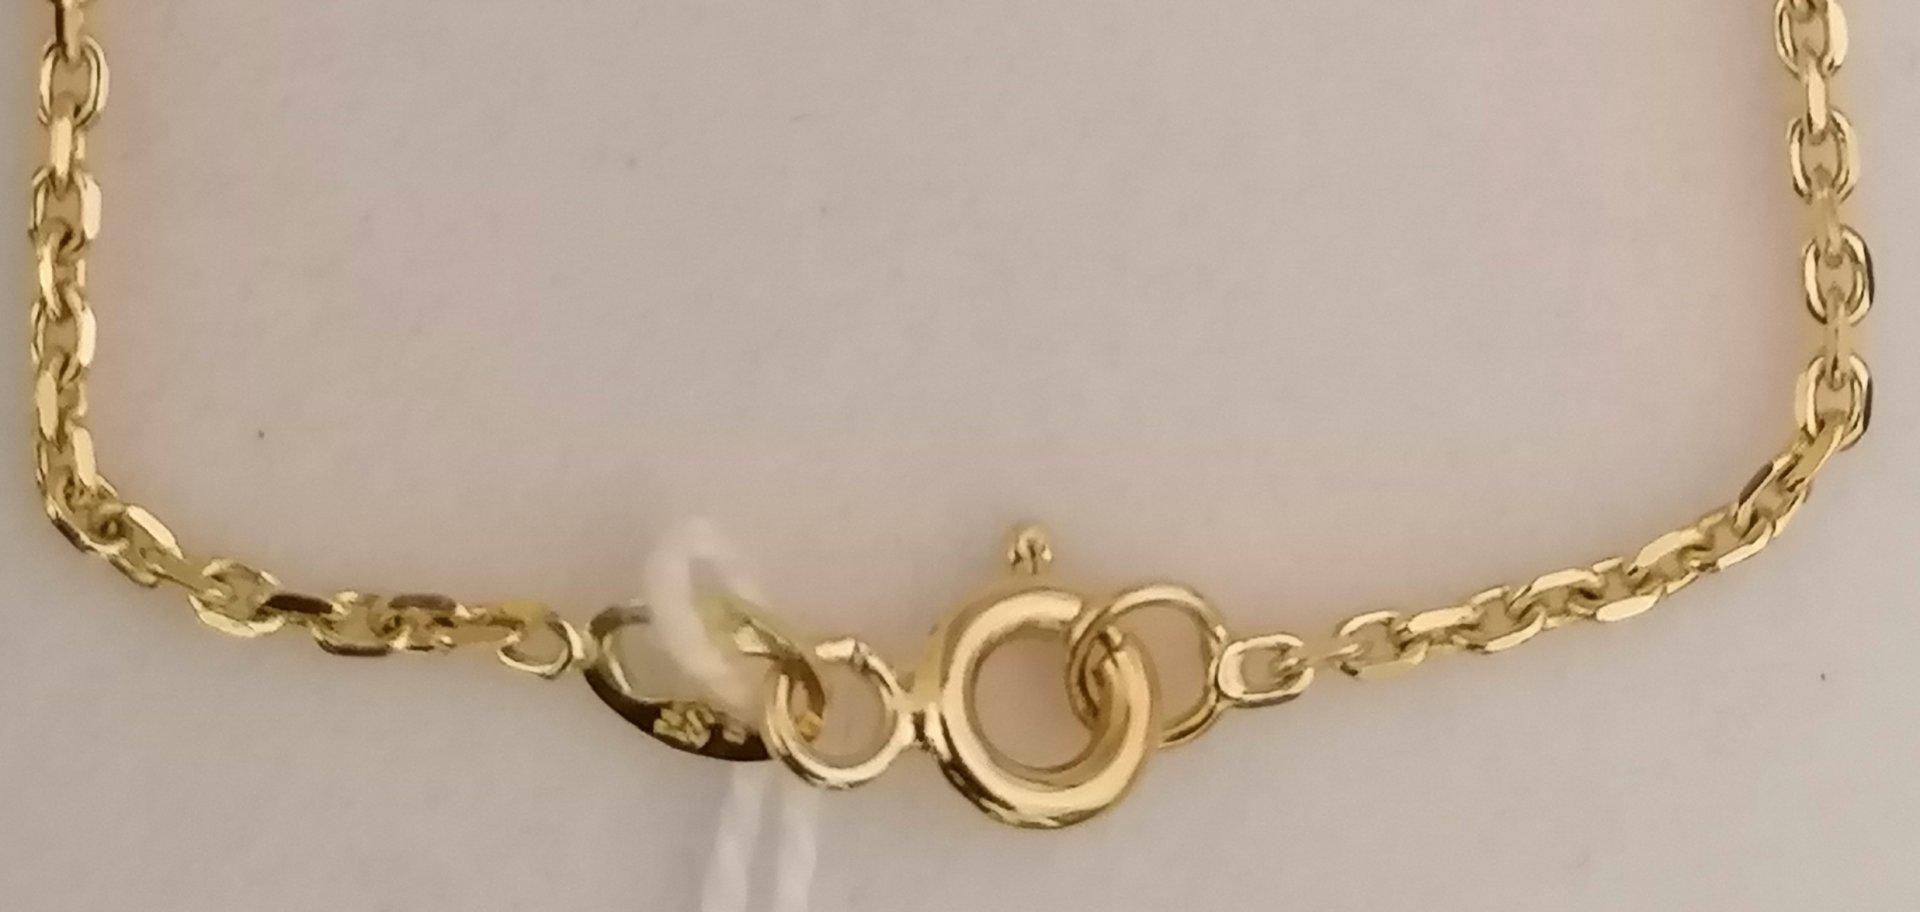 cadena reforzada maciza forzada con broche de reasa